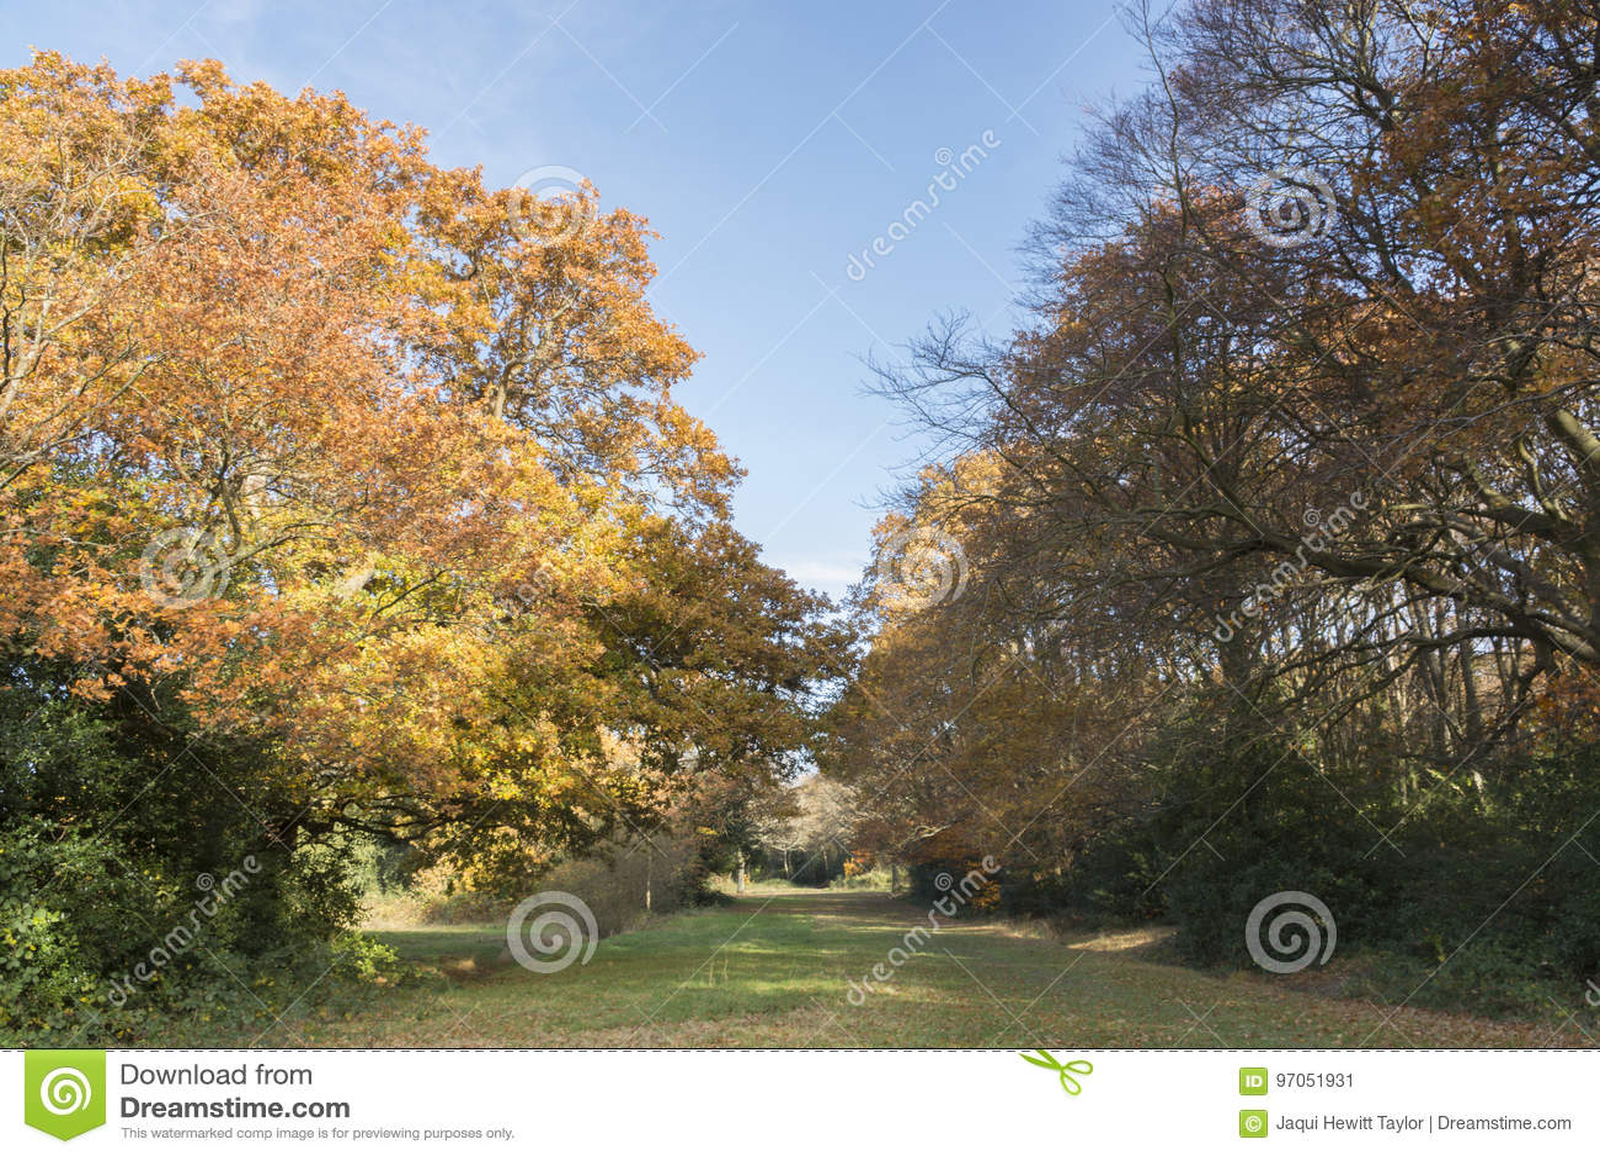 Southampton Common in Autumn